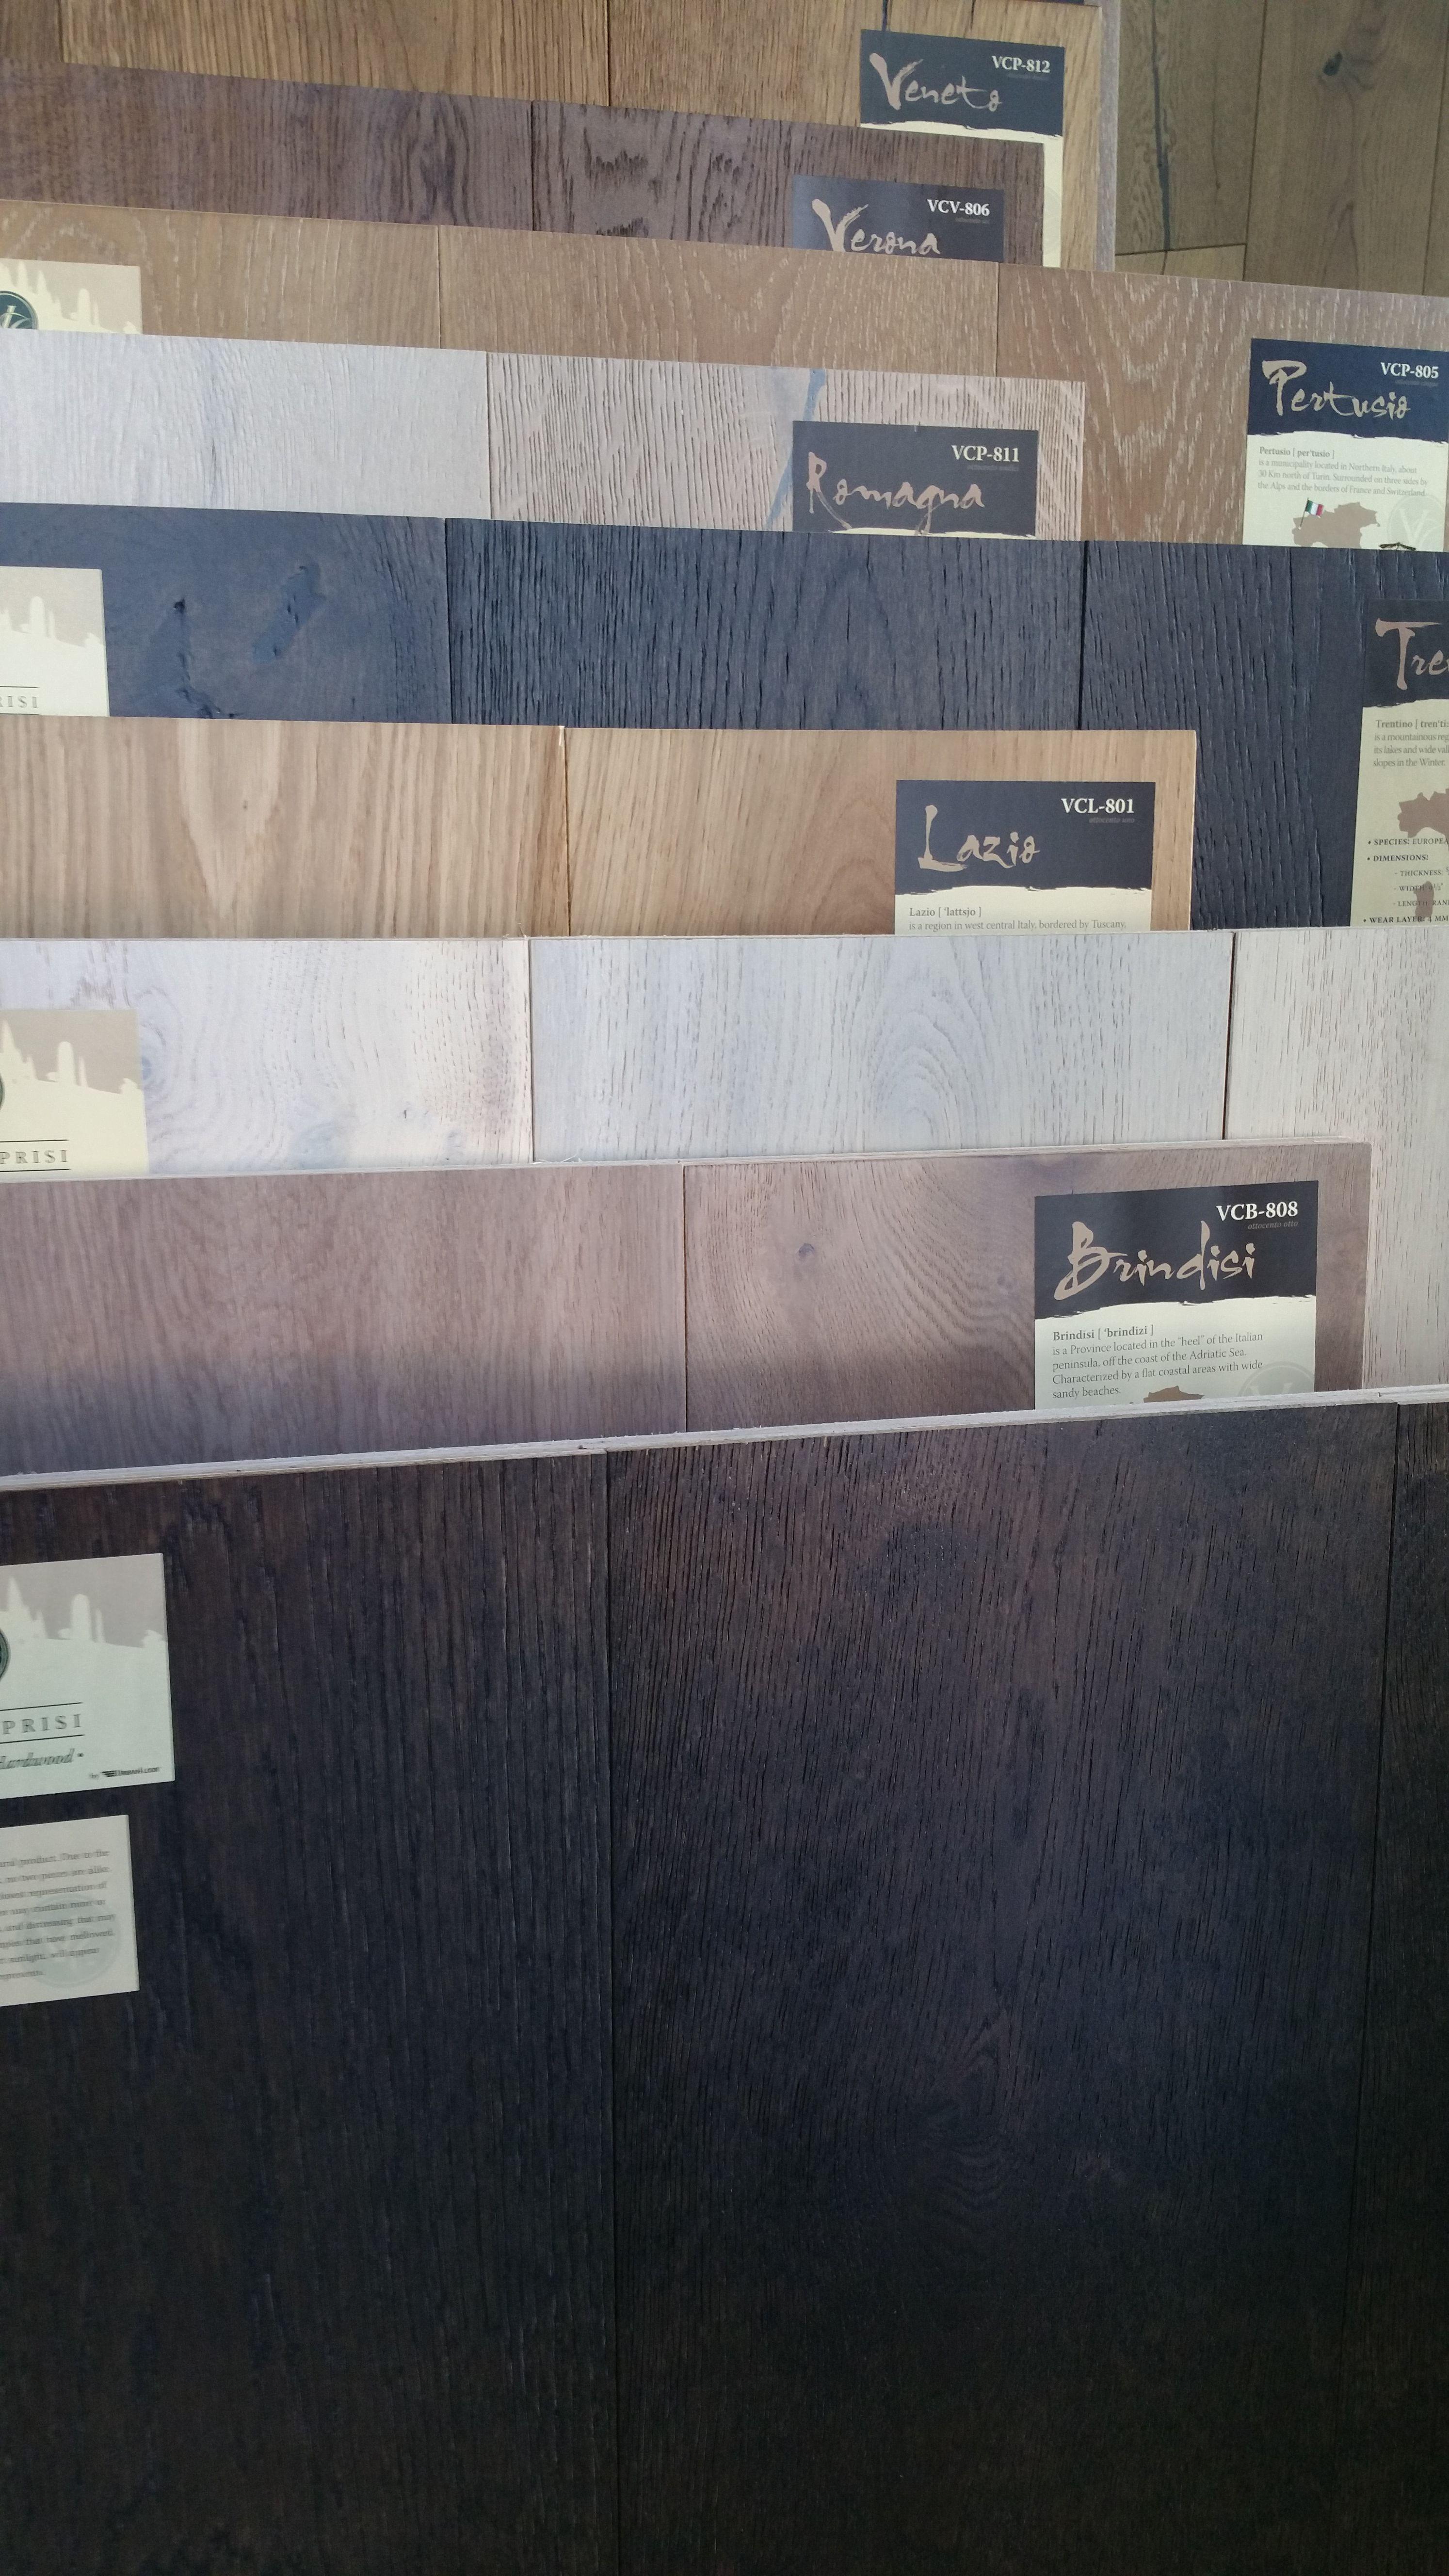 Pin by Sequoia flooring on Wood floors Flooring